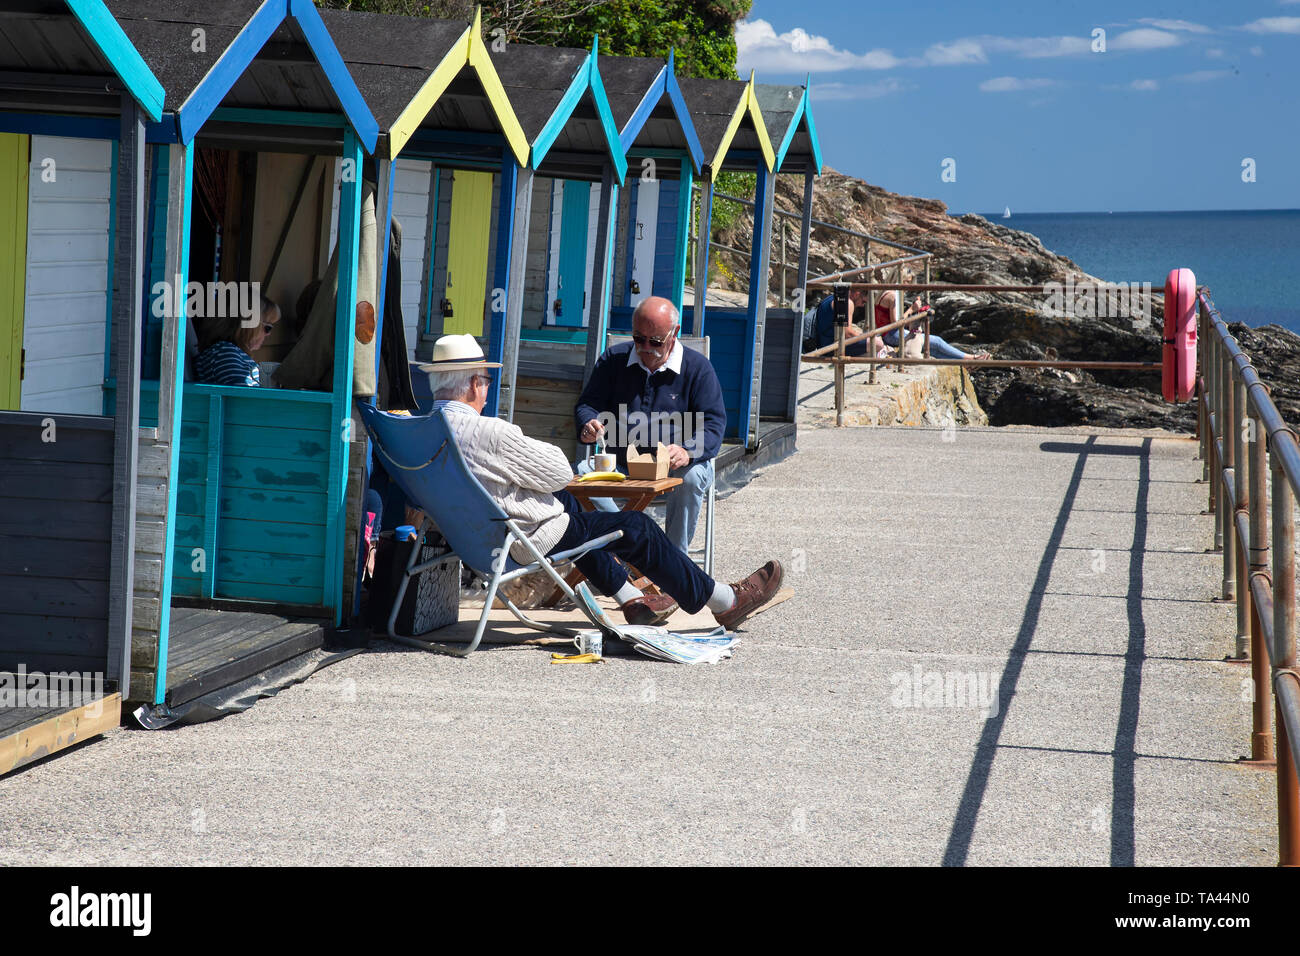 Les touristes profiter de thé de l'après-midi et une collation à l'extérieur d'une cabane de plage de Swanpool, près de Cornwall Falmouth, Royaume-Uni Photo Stock